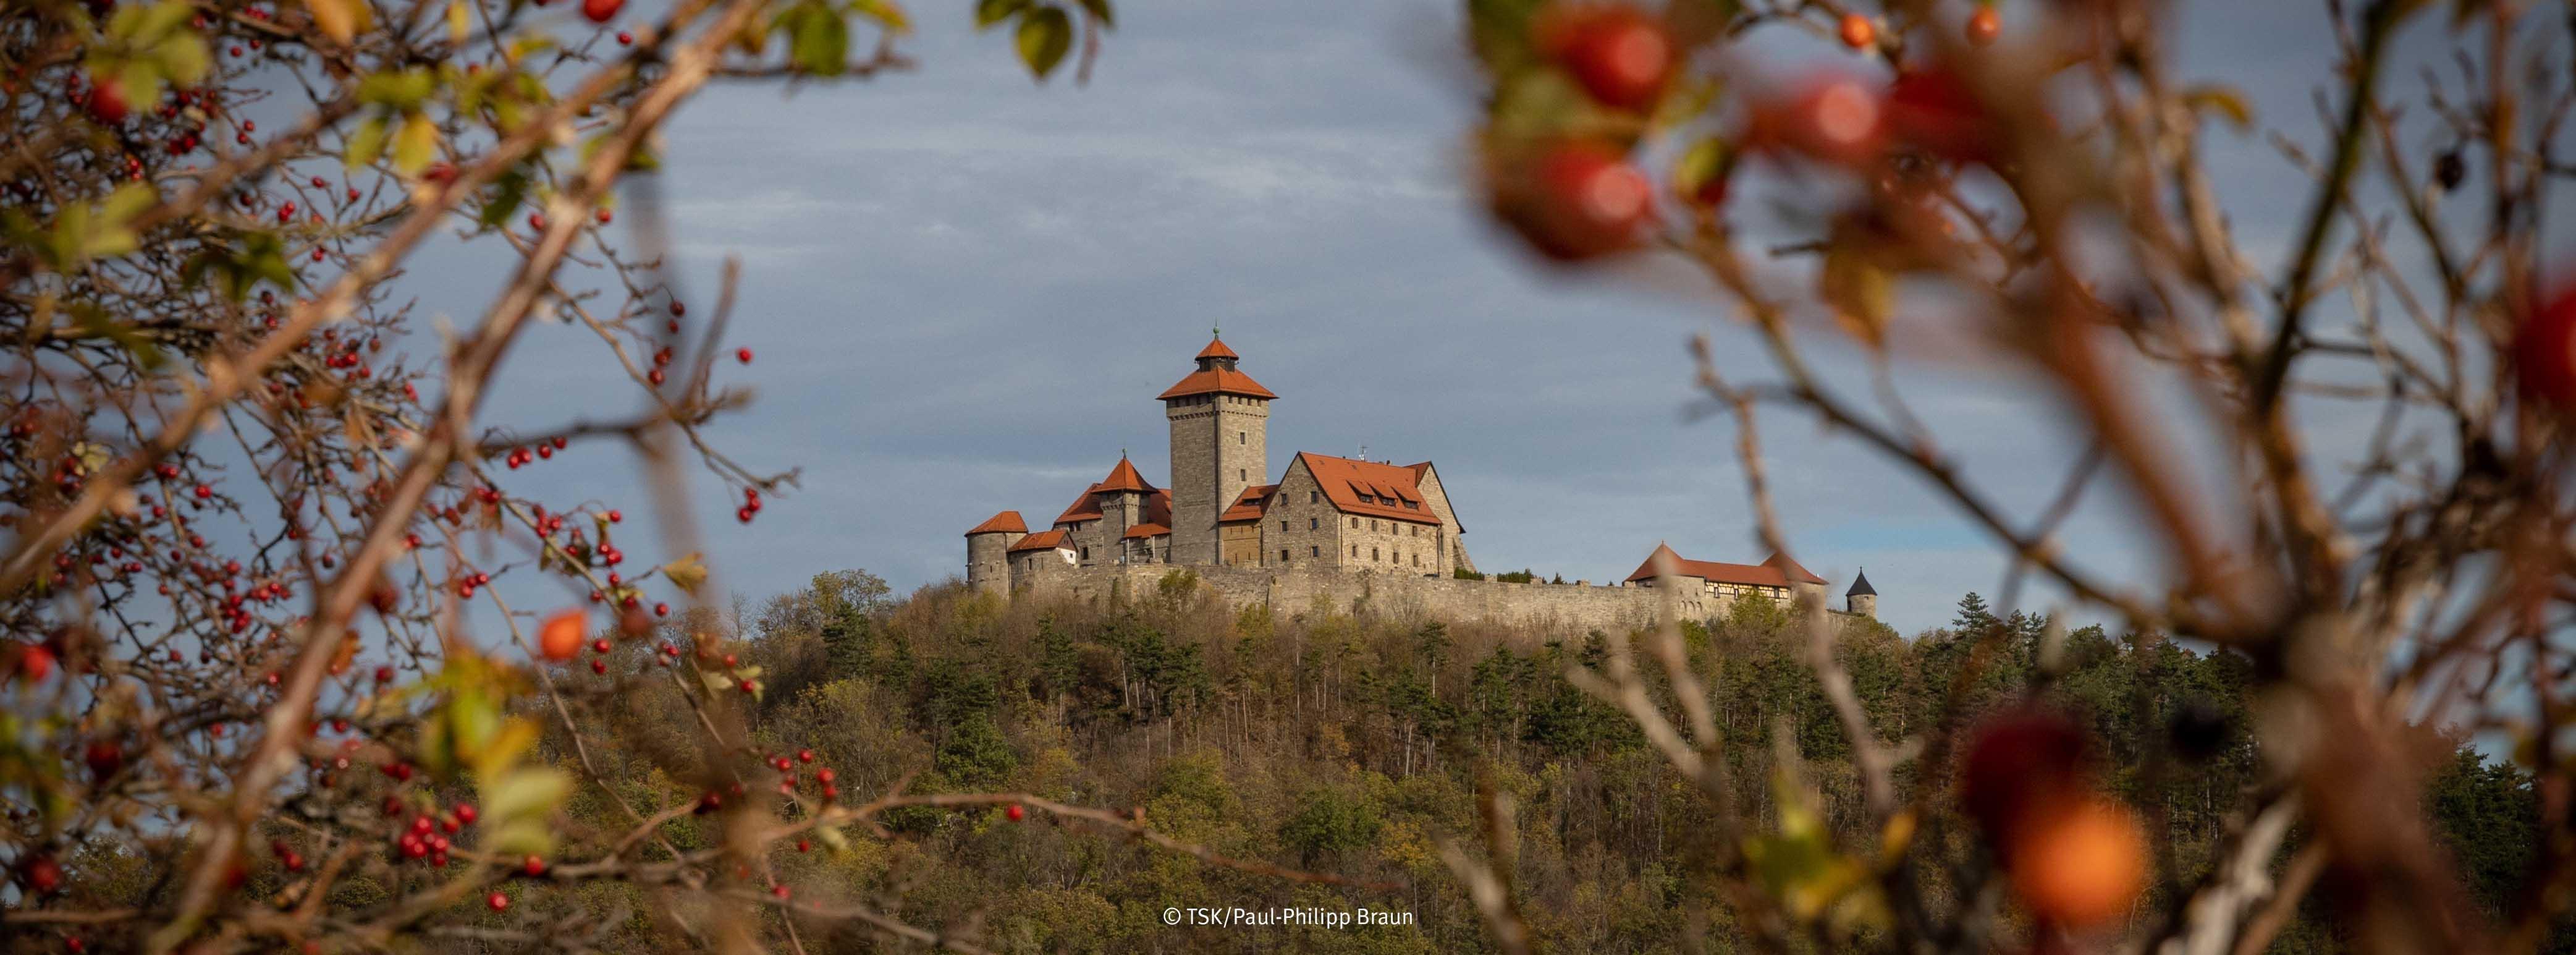 Wachsenburg im Herbst, Hagebutten im Vordergrund